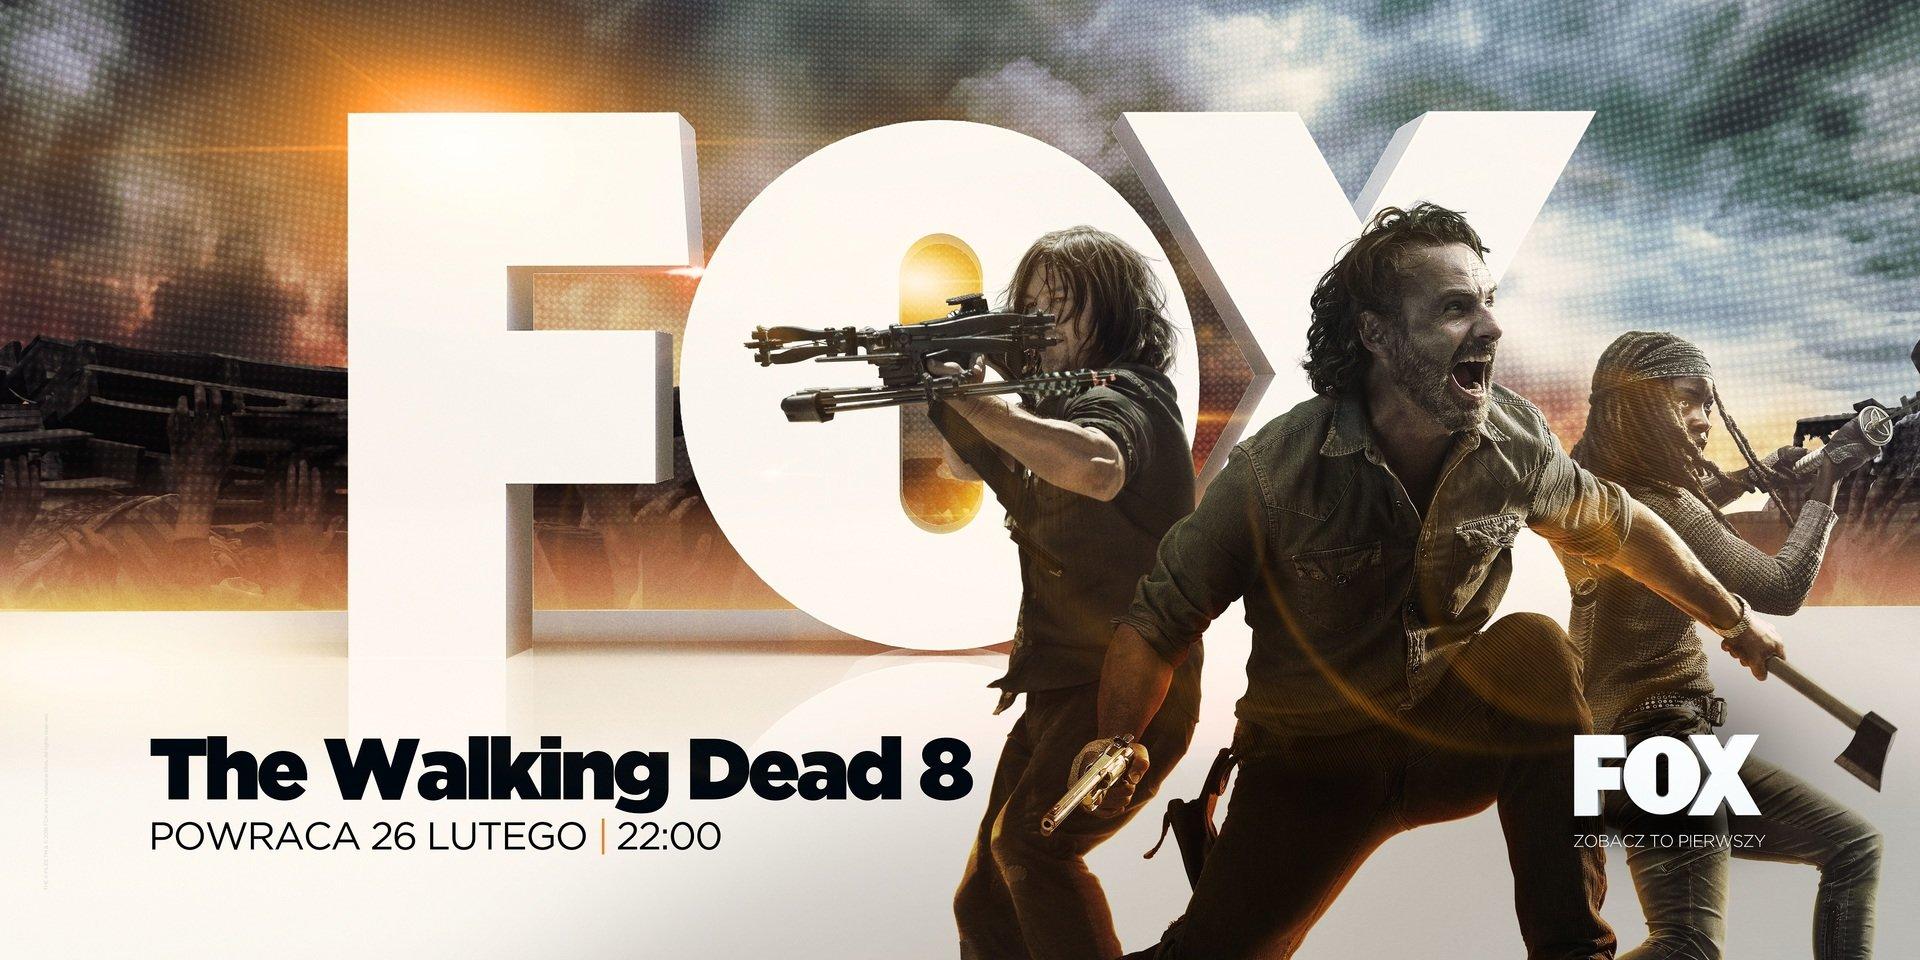 DECYDUJĄCE STARCIE RICKA Z NEGANEM! The Walking Dead powraca na FOX już 26 lutego!